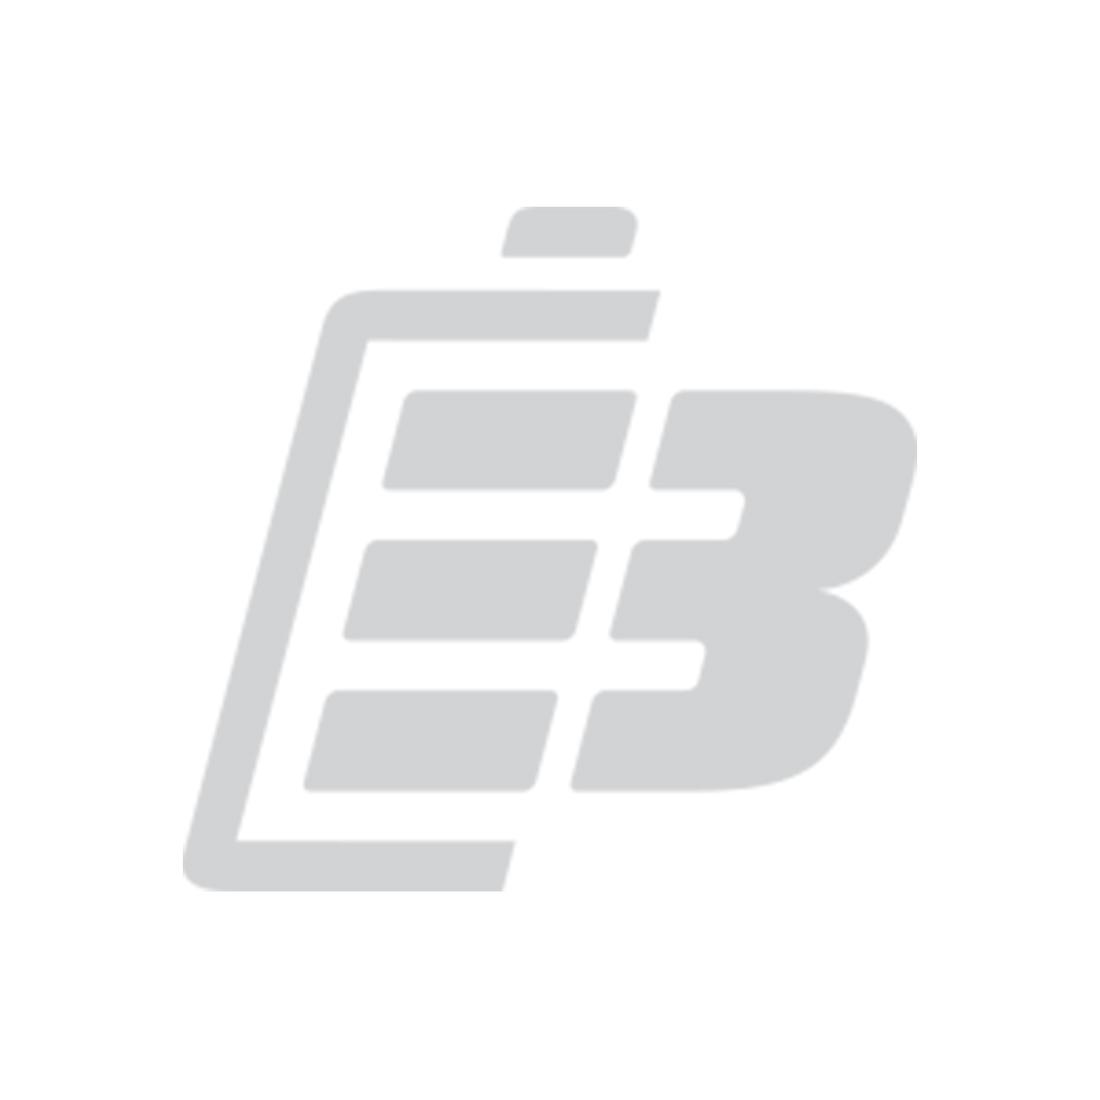 Laptop battery Lenovo IdeaPad 100S_1